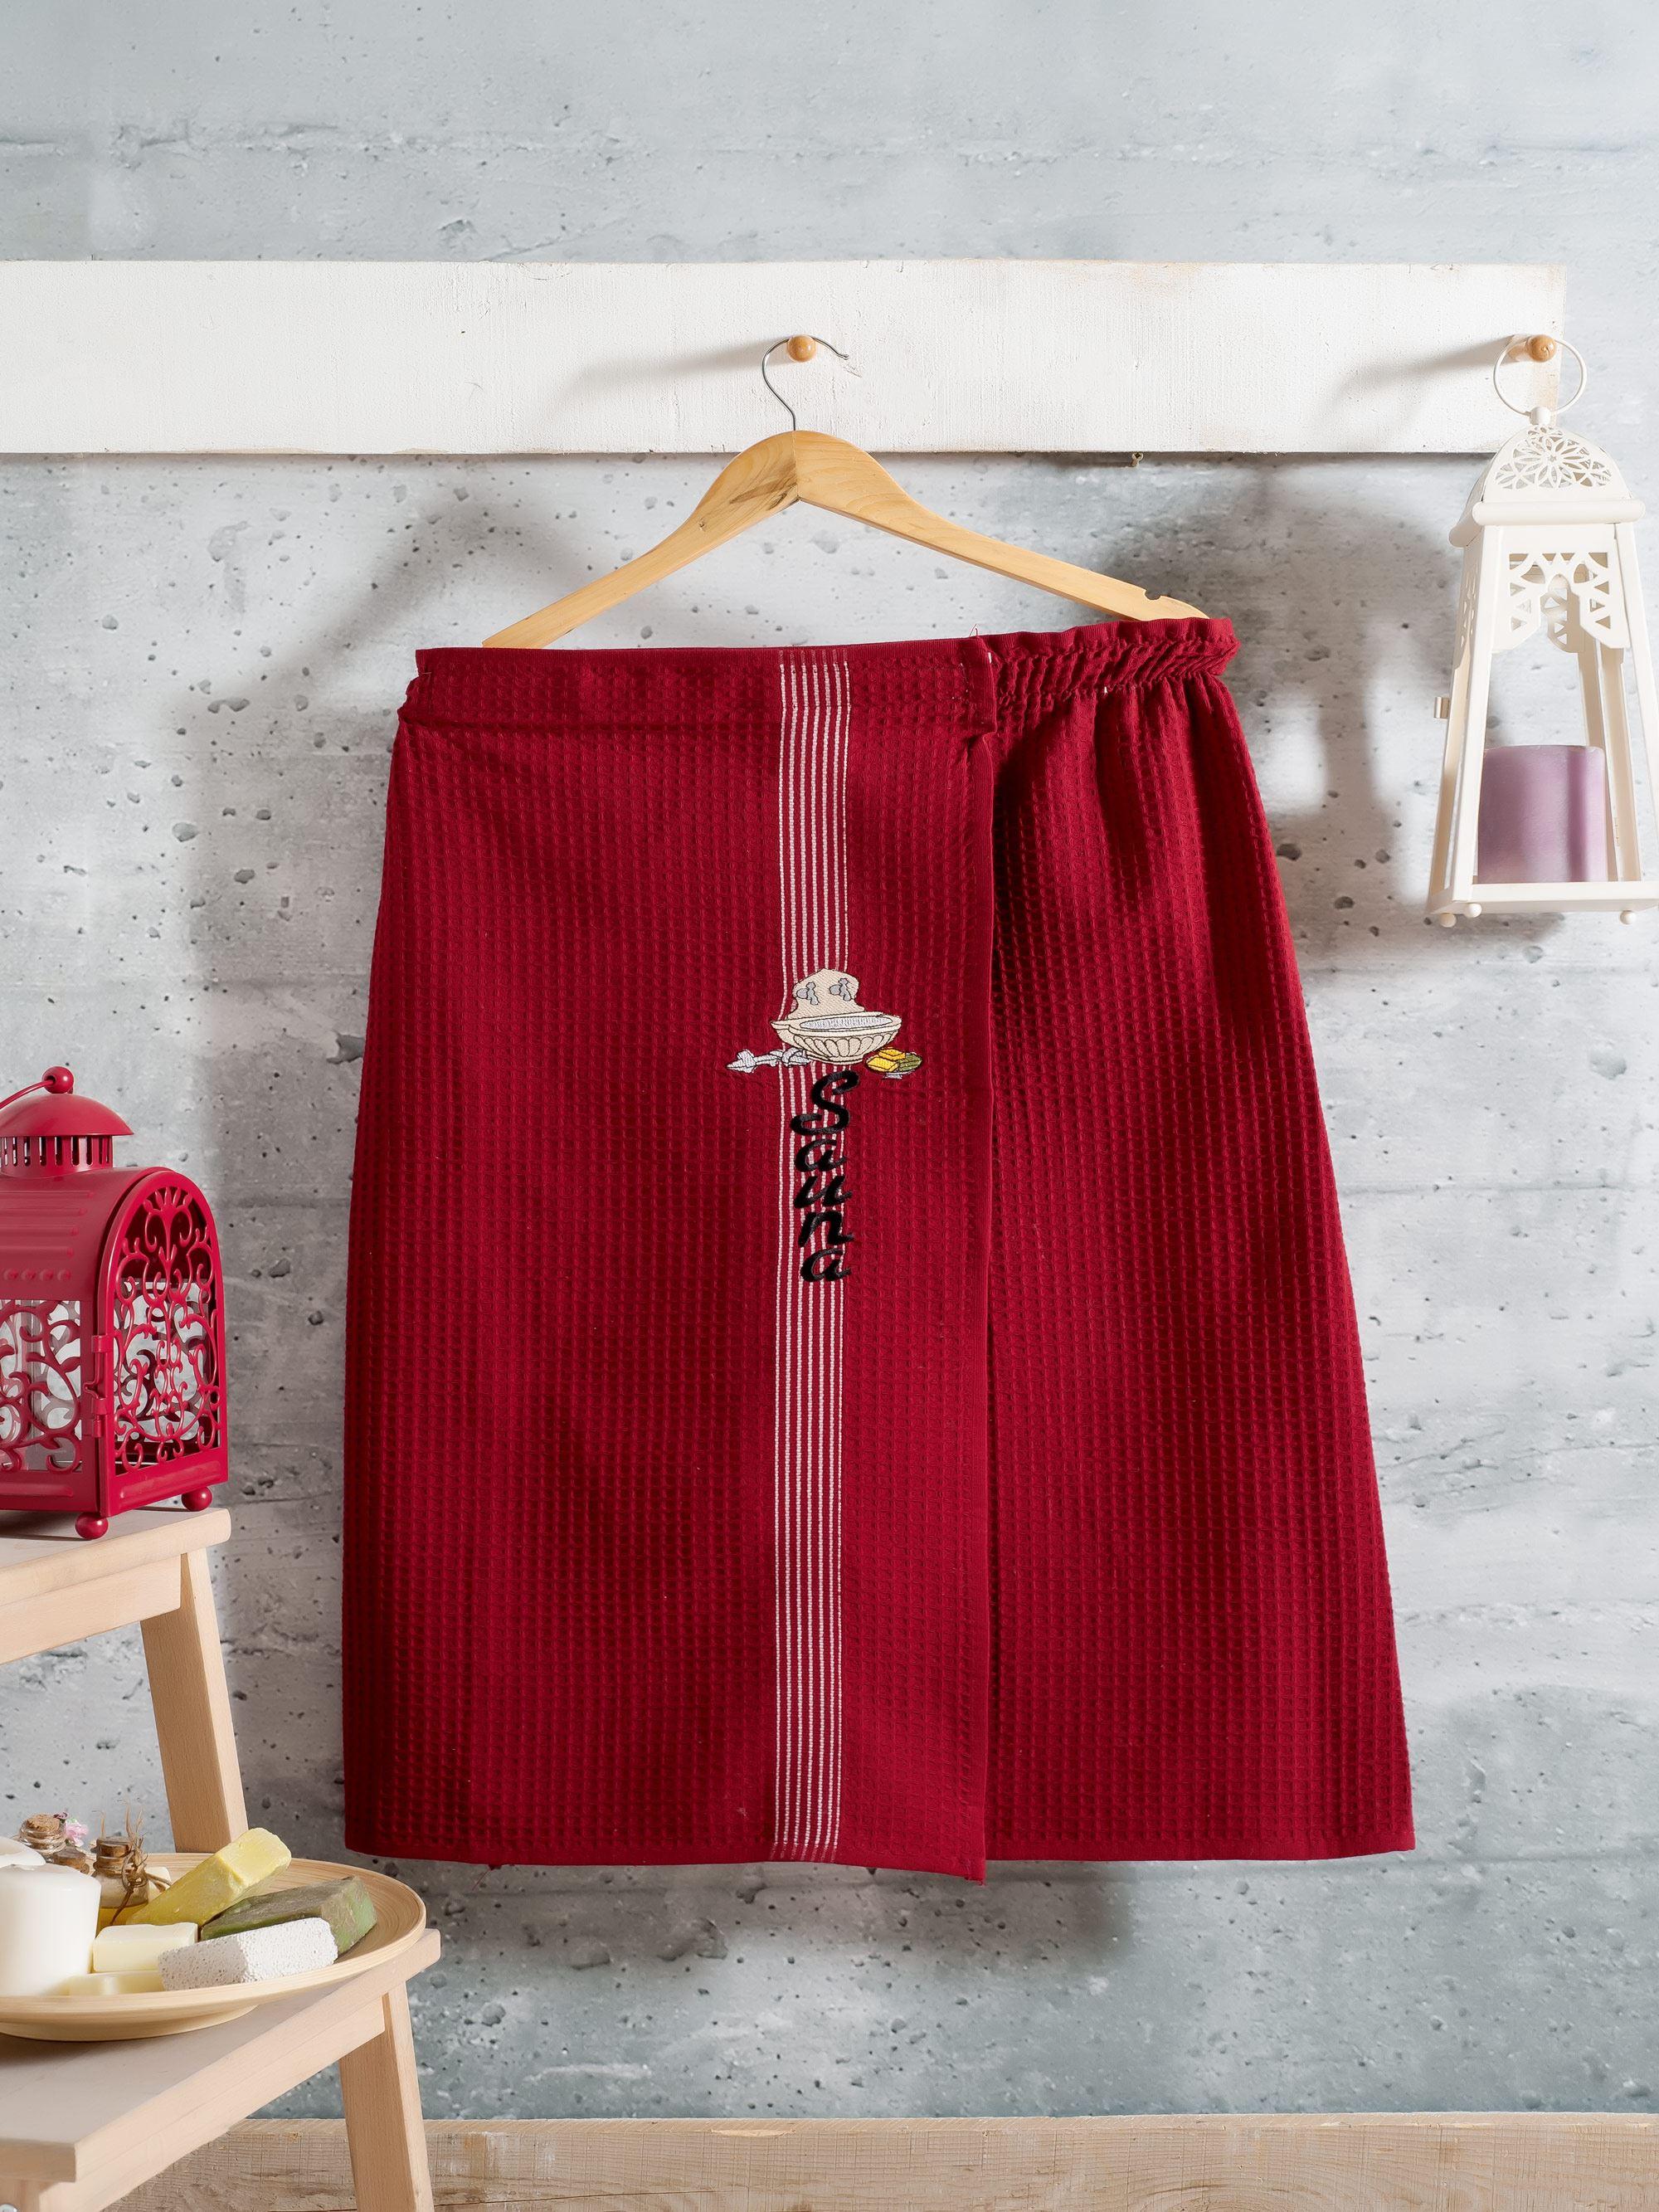 Сауны, бани и оборудование Meteor Набор для сауны Darrel Цвет: Бордовый сауны бани и оборудование valentini набор для сауны flower цвет розовый